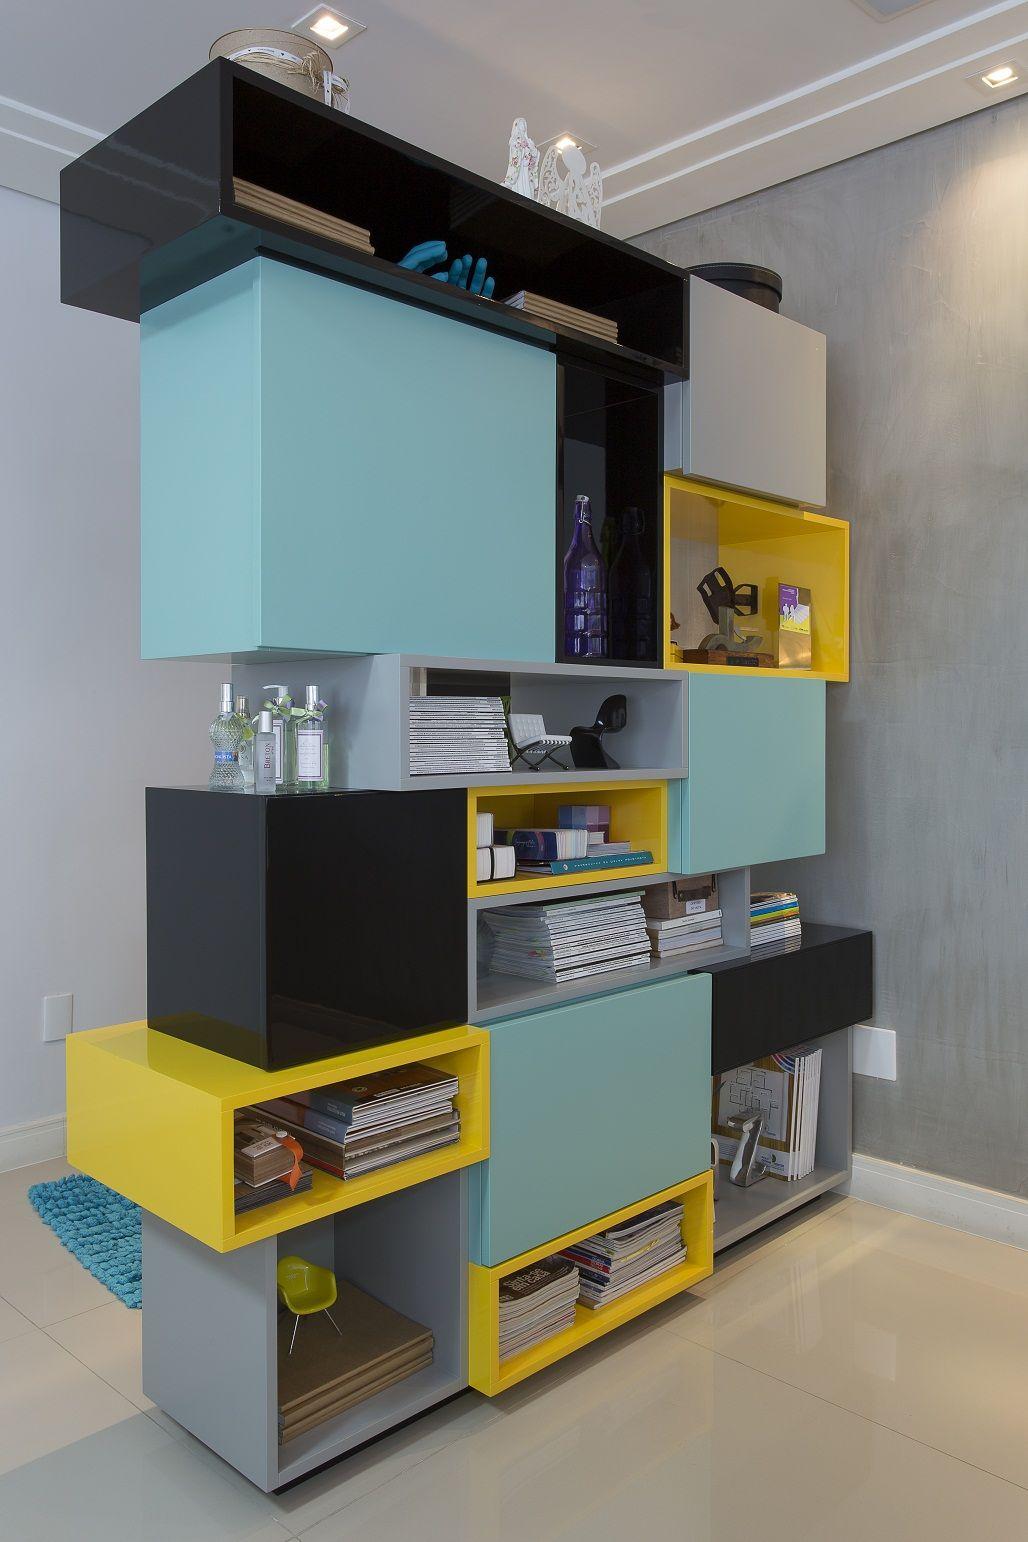 Peças coloridas compõem uma linda estante imprimindo um ar alegre e descontraído. Projeto by @nataliapini